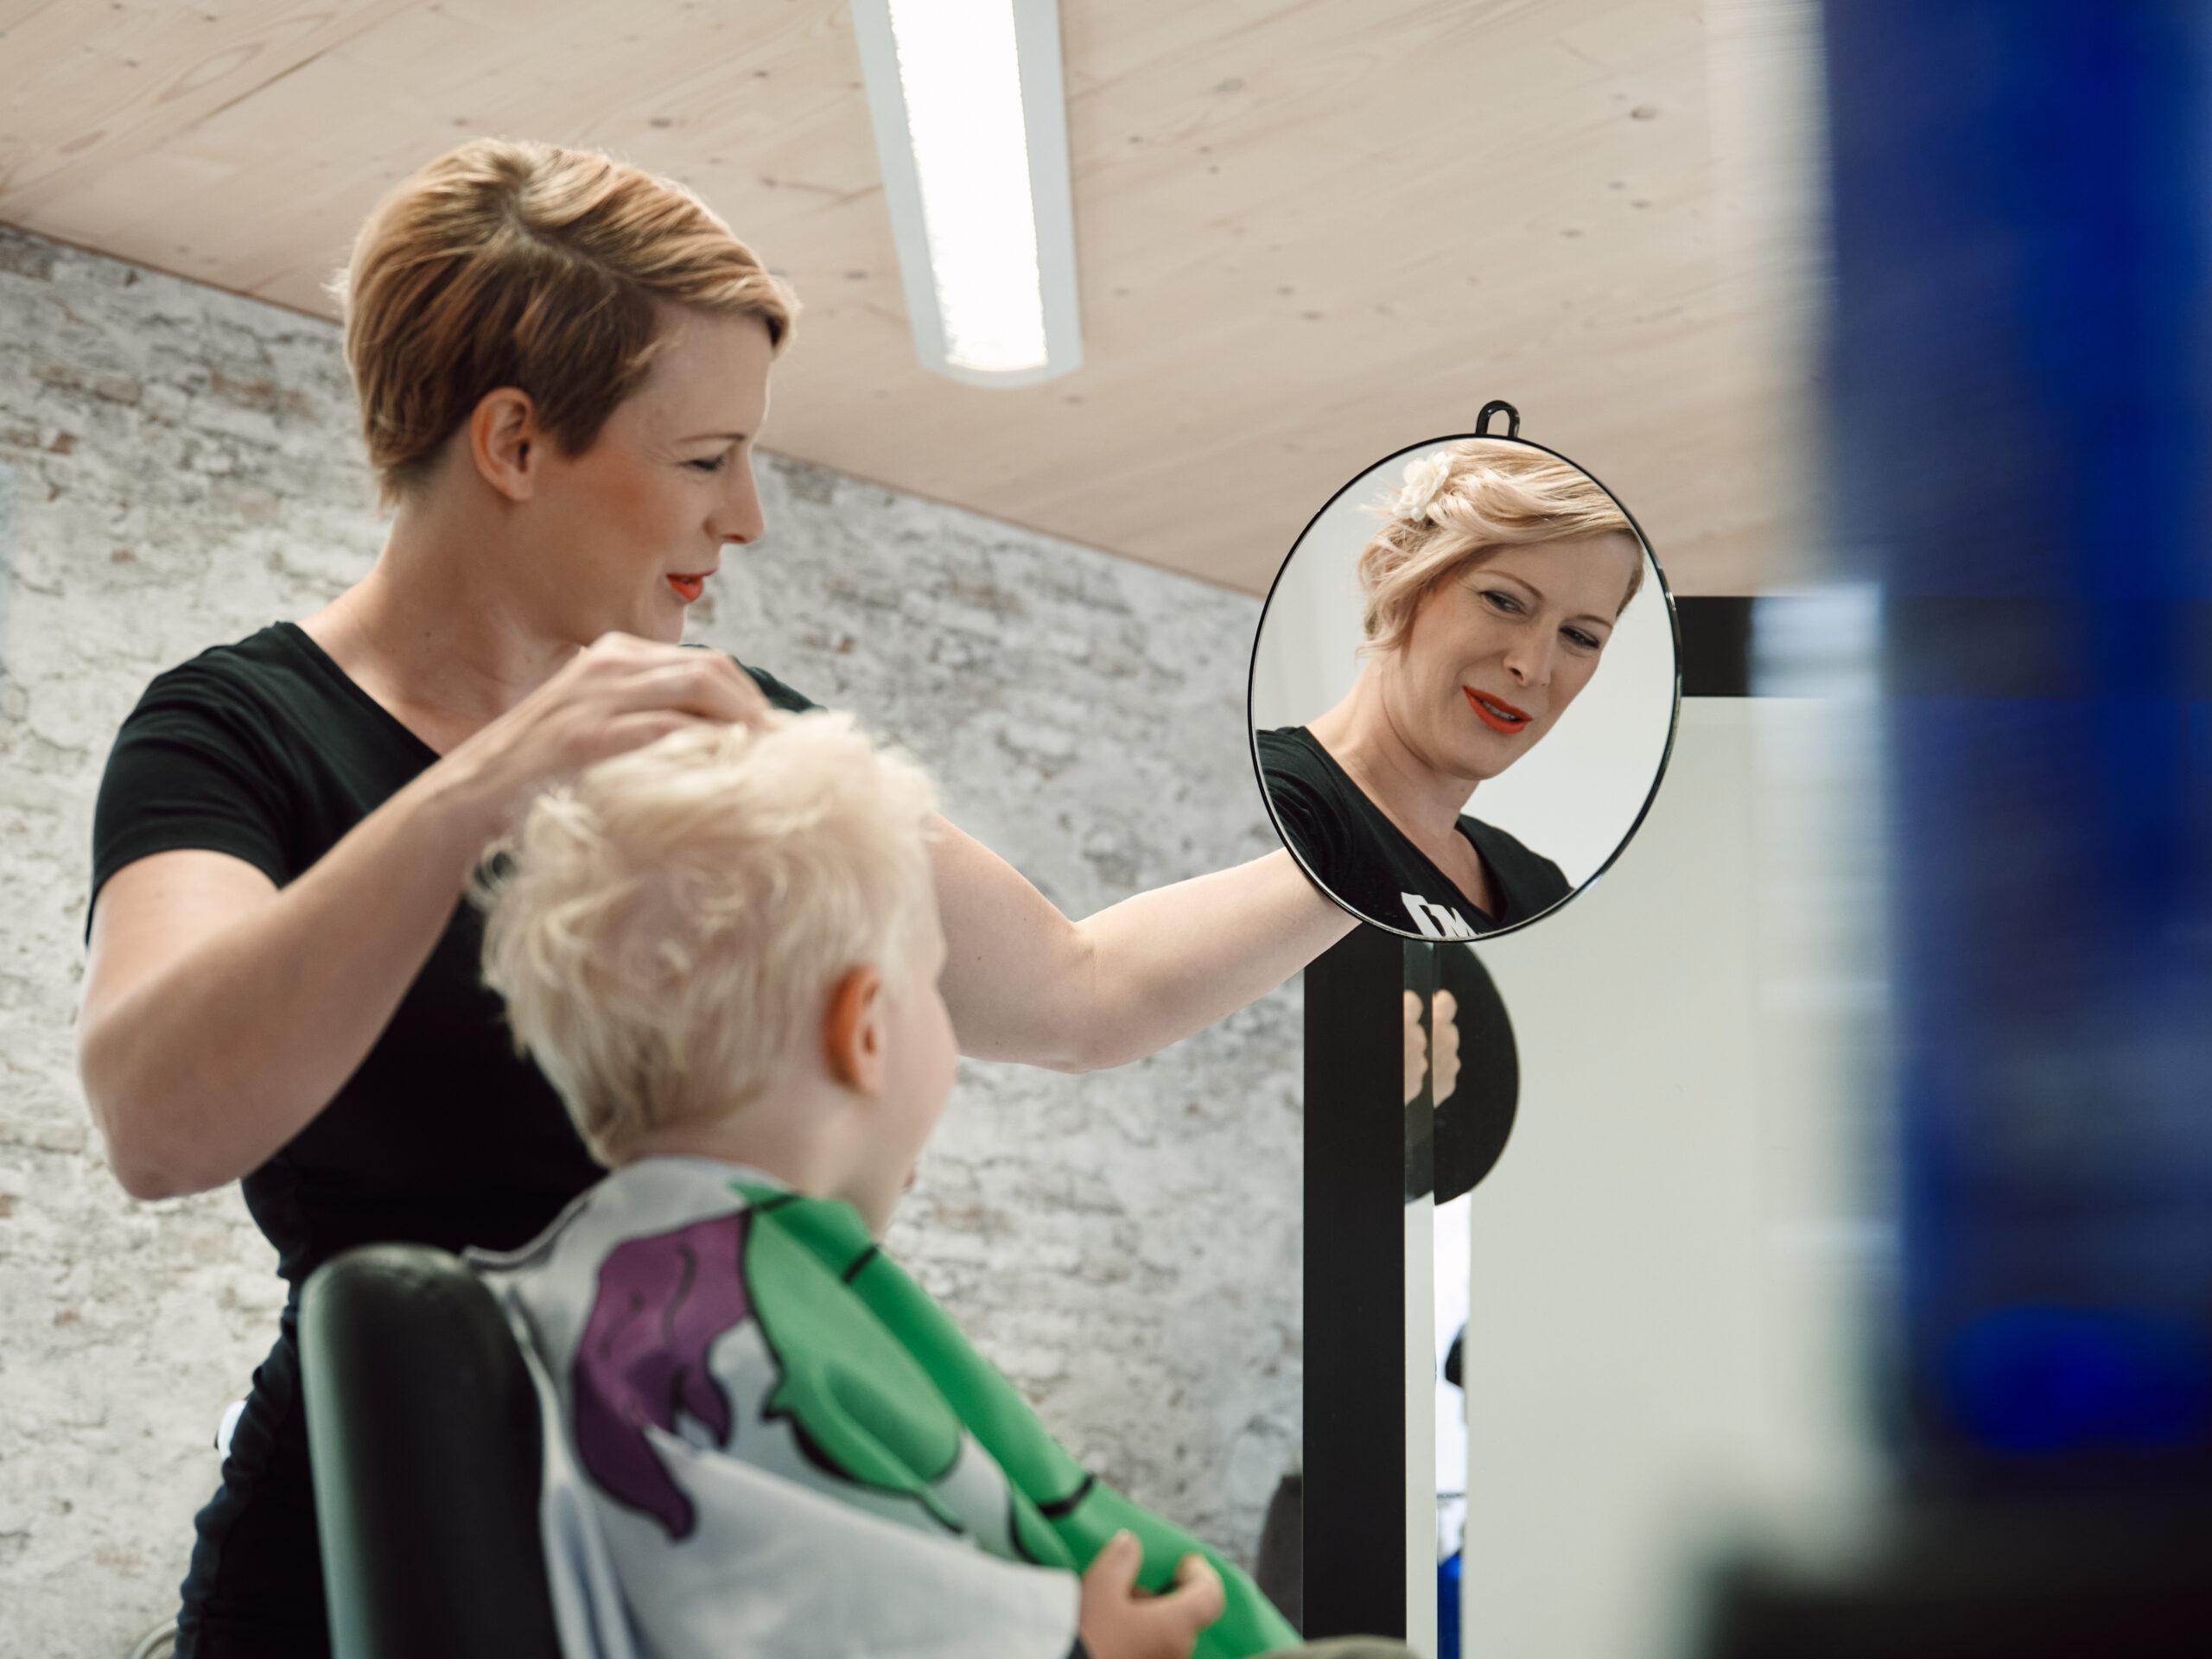 Simone Wüthrich, Inhaberin des Coiffure M7 , frisiert einem Jungen die Haare